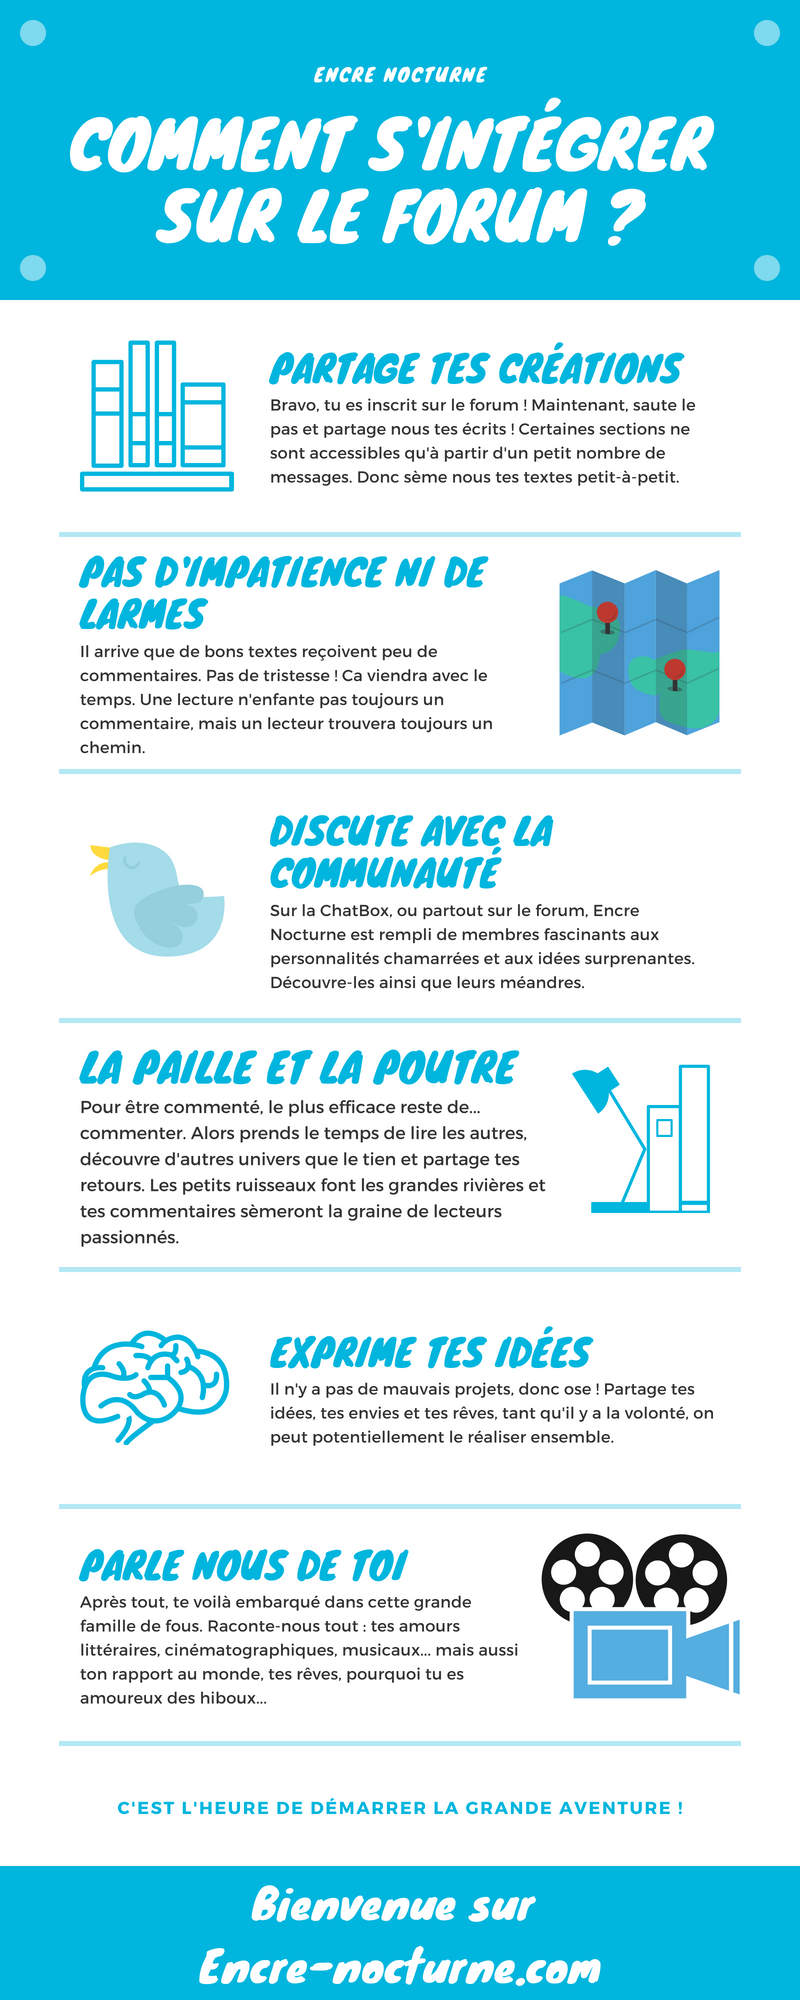 Bienvenue sur Encre Nocturne ! [Infographie] Infogr12